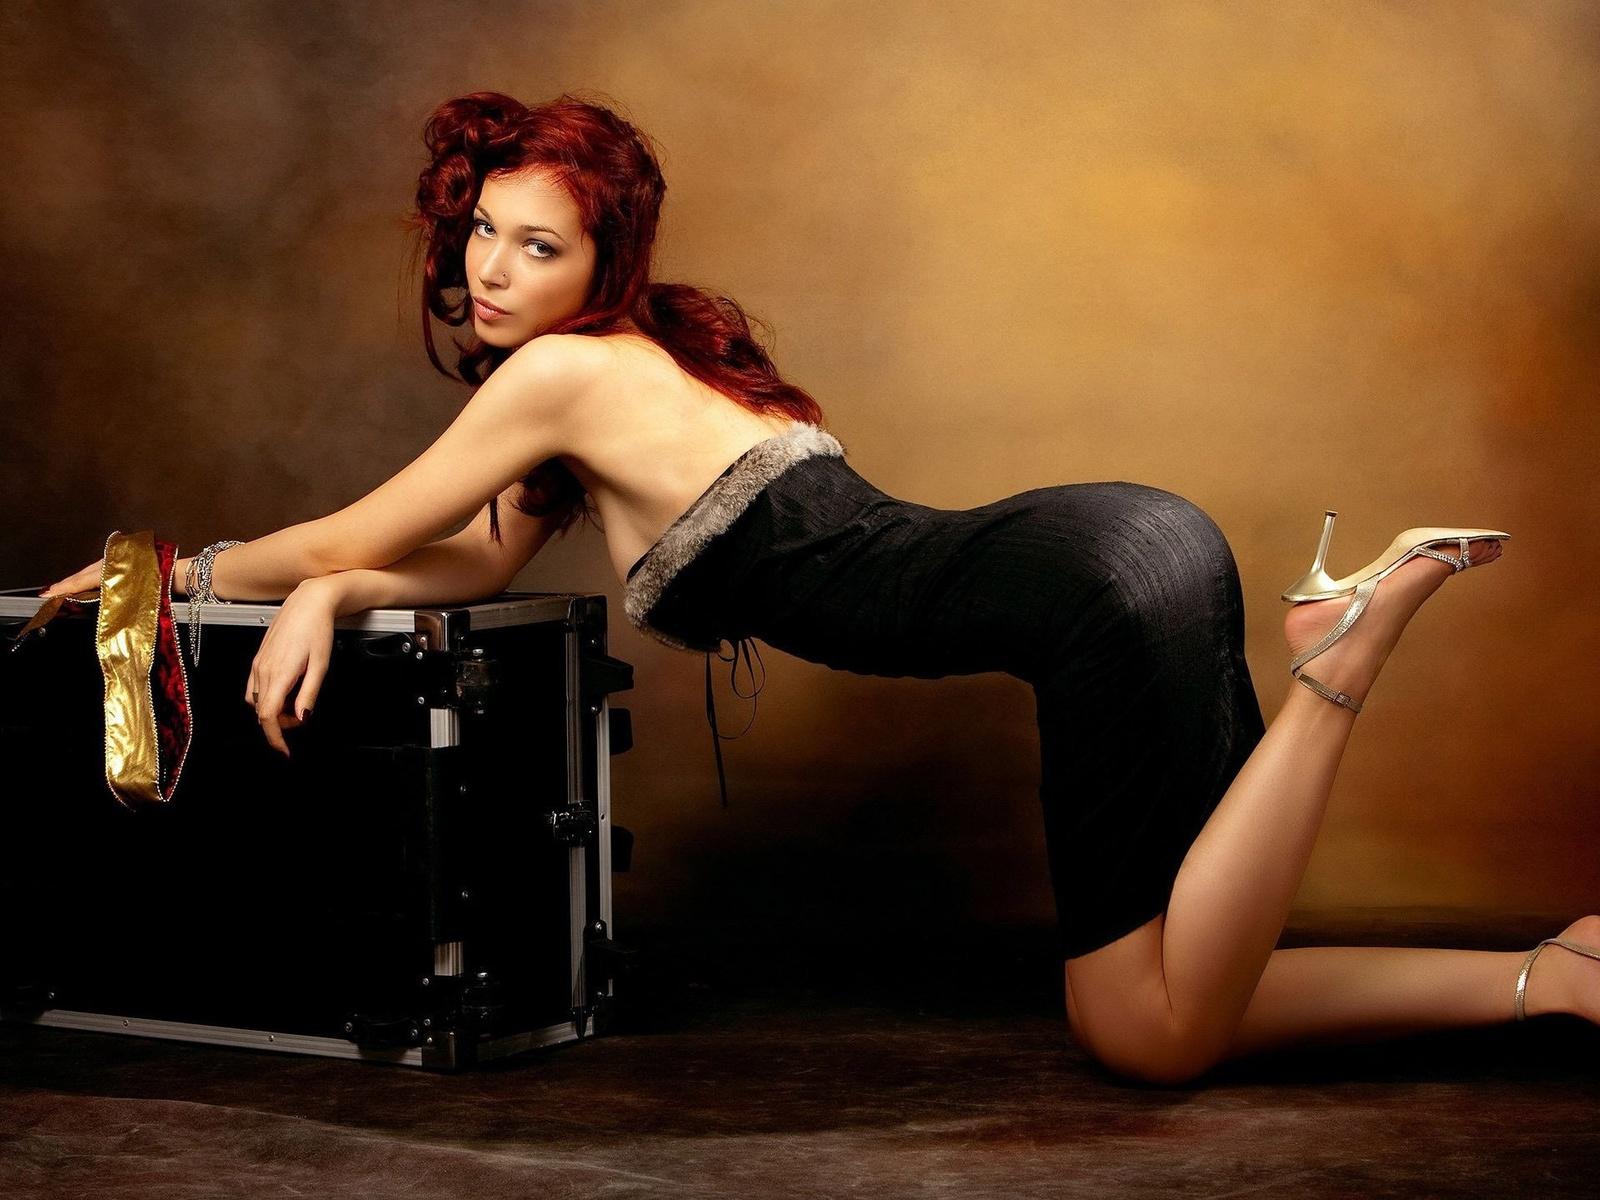 девушка, милая, симпатичная, чемодан